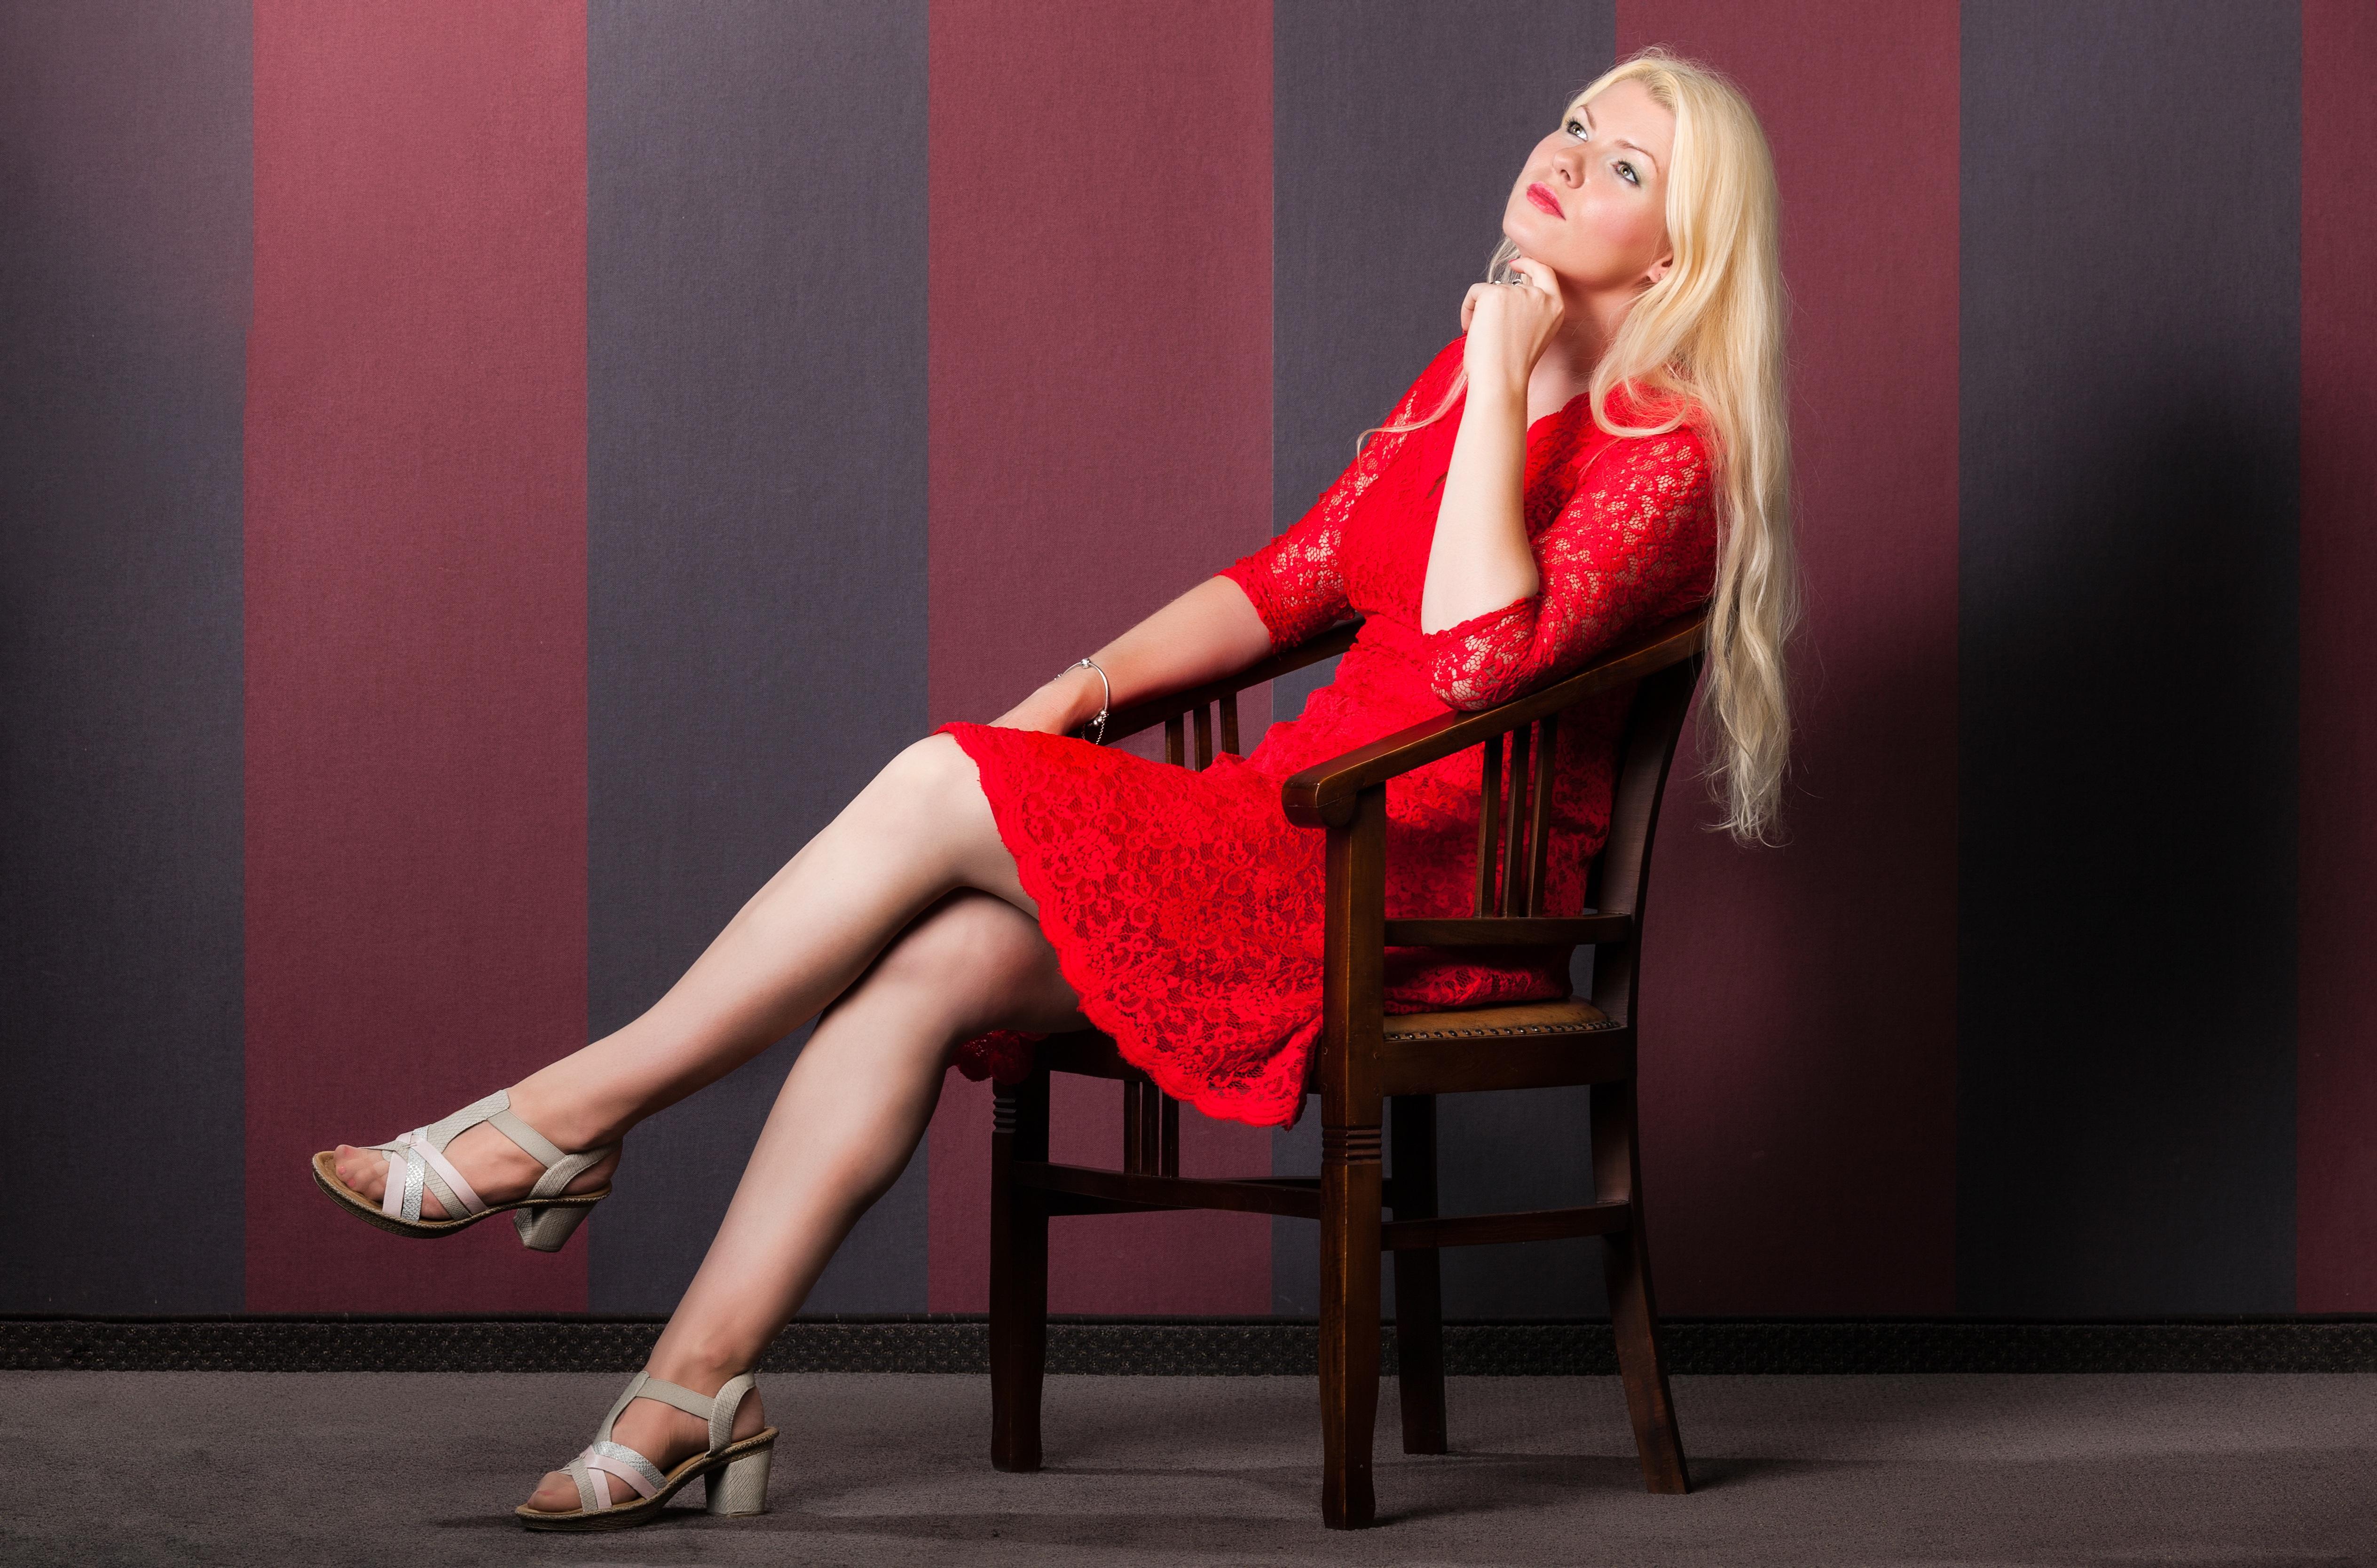 Фото красивых девушек блондинки на красивых каблуков